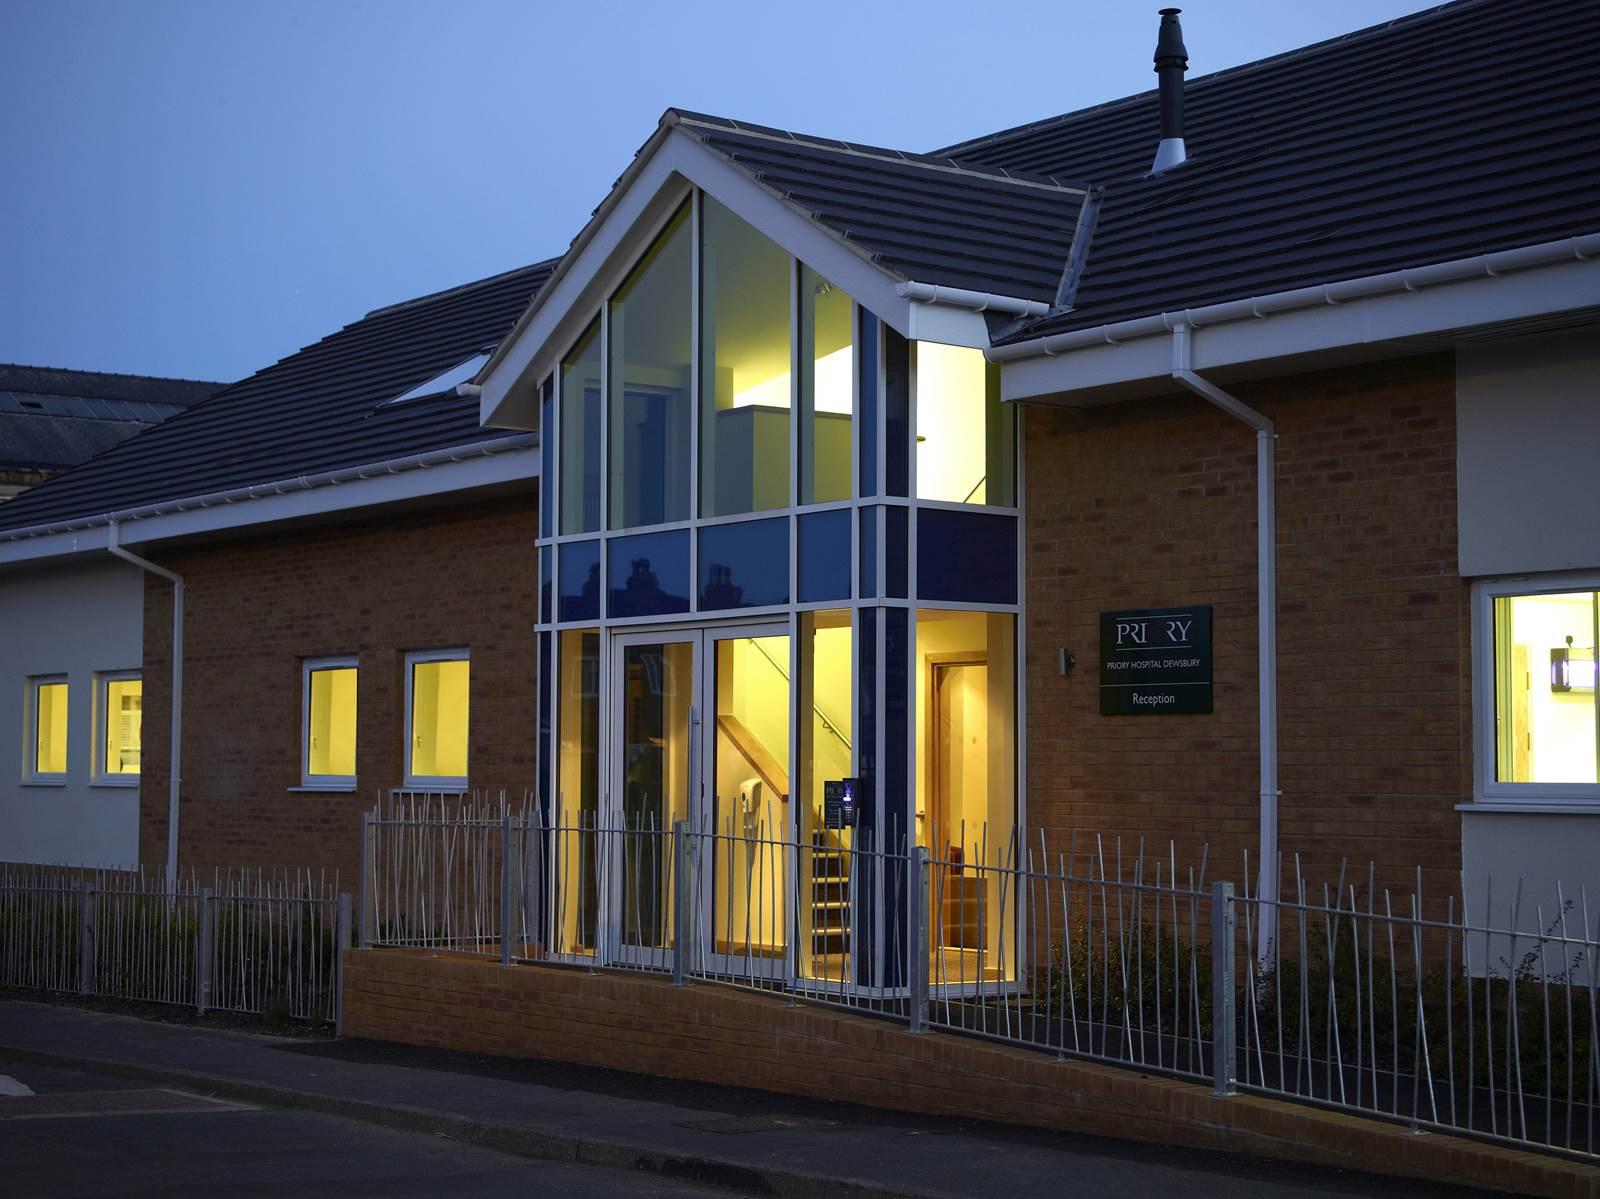 Dewsbury Entrance